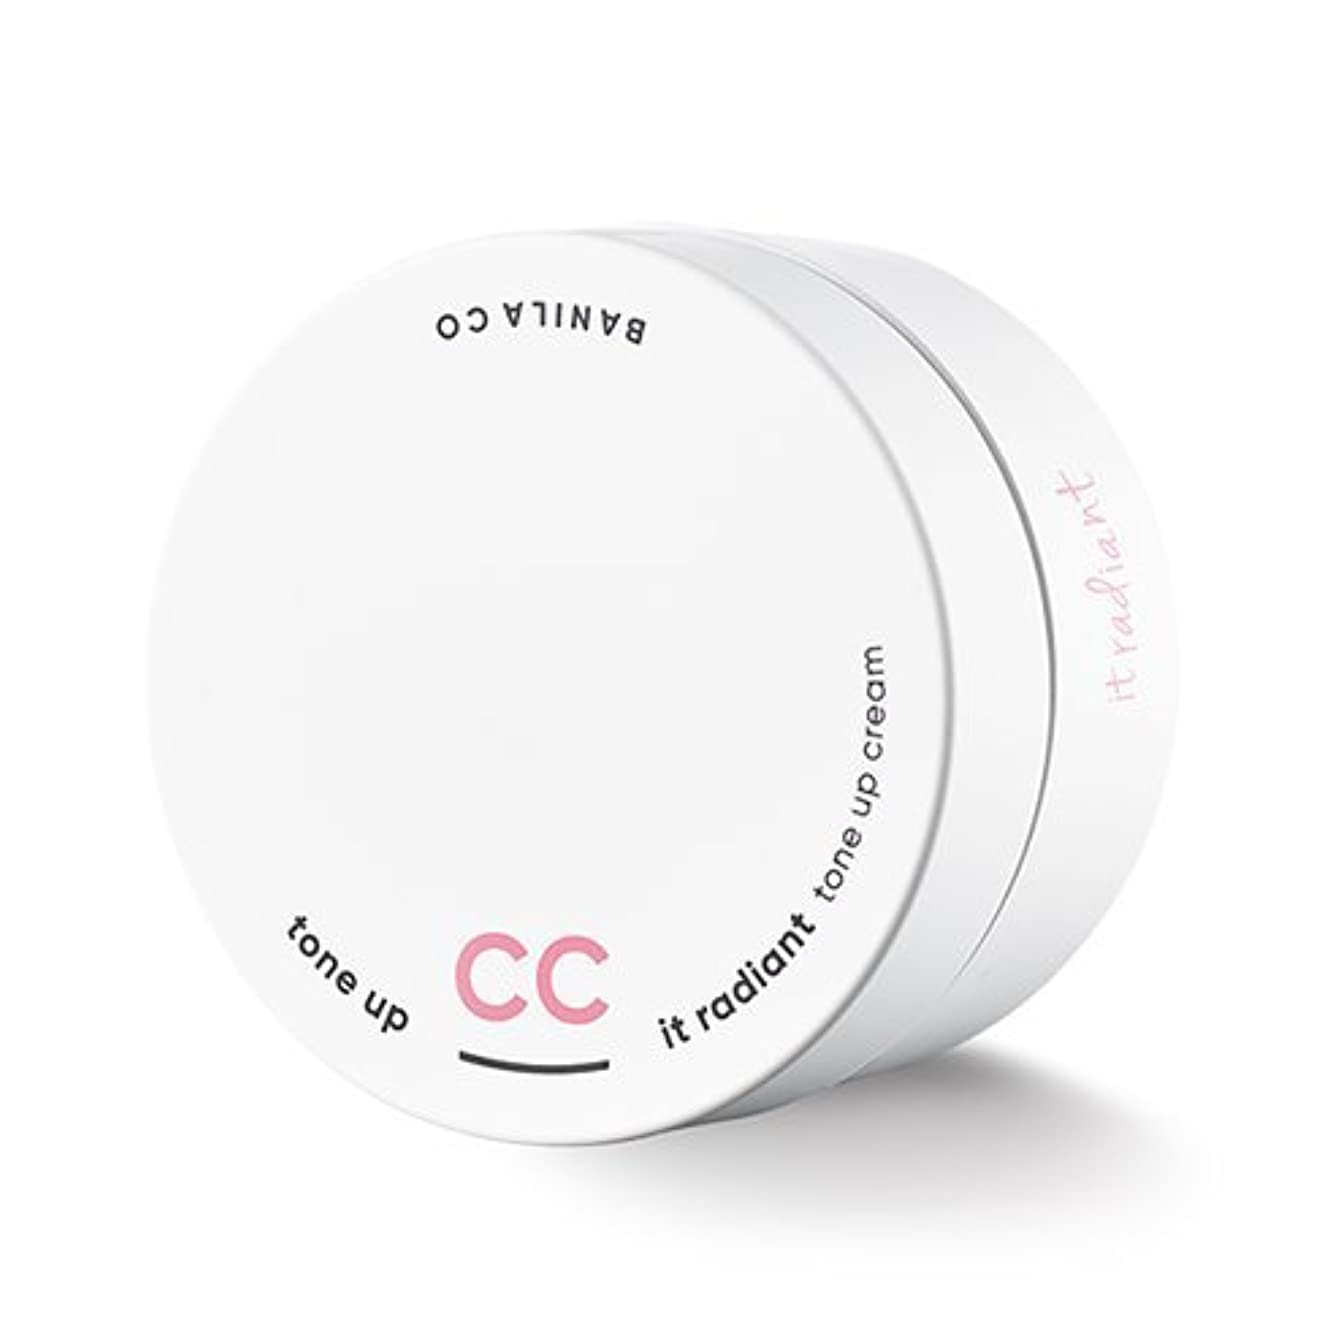 逆さまに繁栄ローンBANILA CO It Radiant CC Tone Up Cream 50ml/バニラコ イット ラディアント CC トーンアップ クリーム 50ml [並行輸入品]